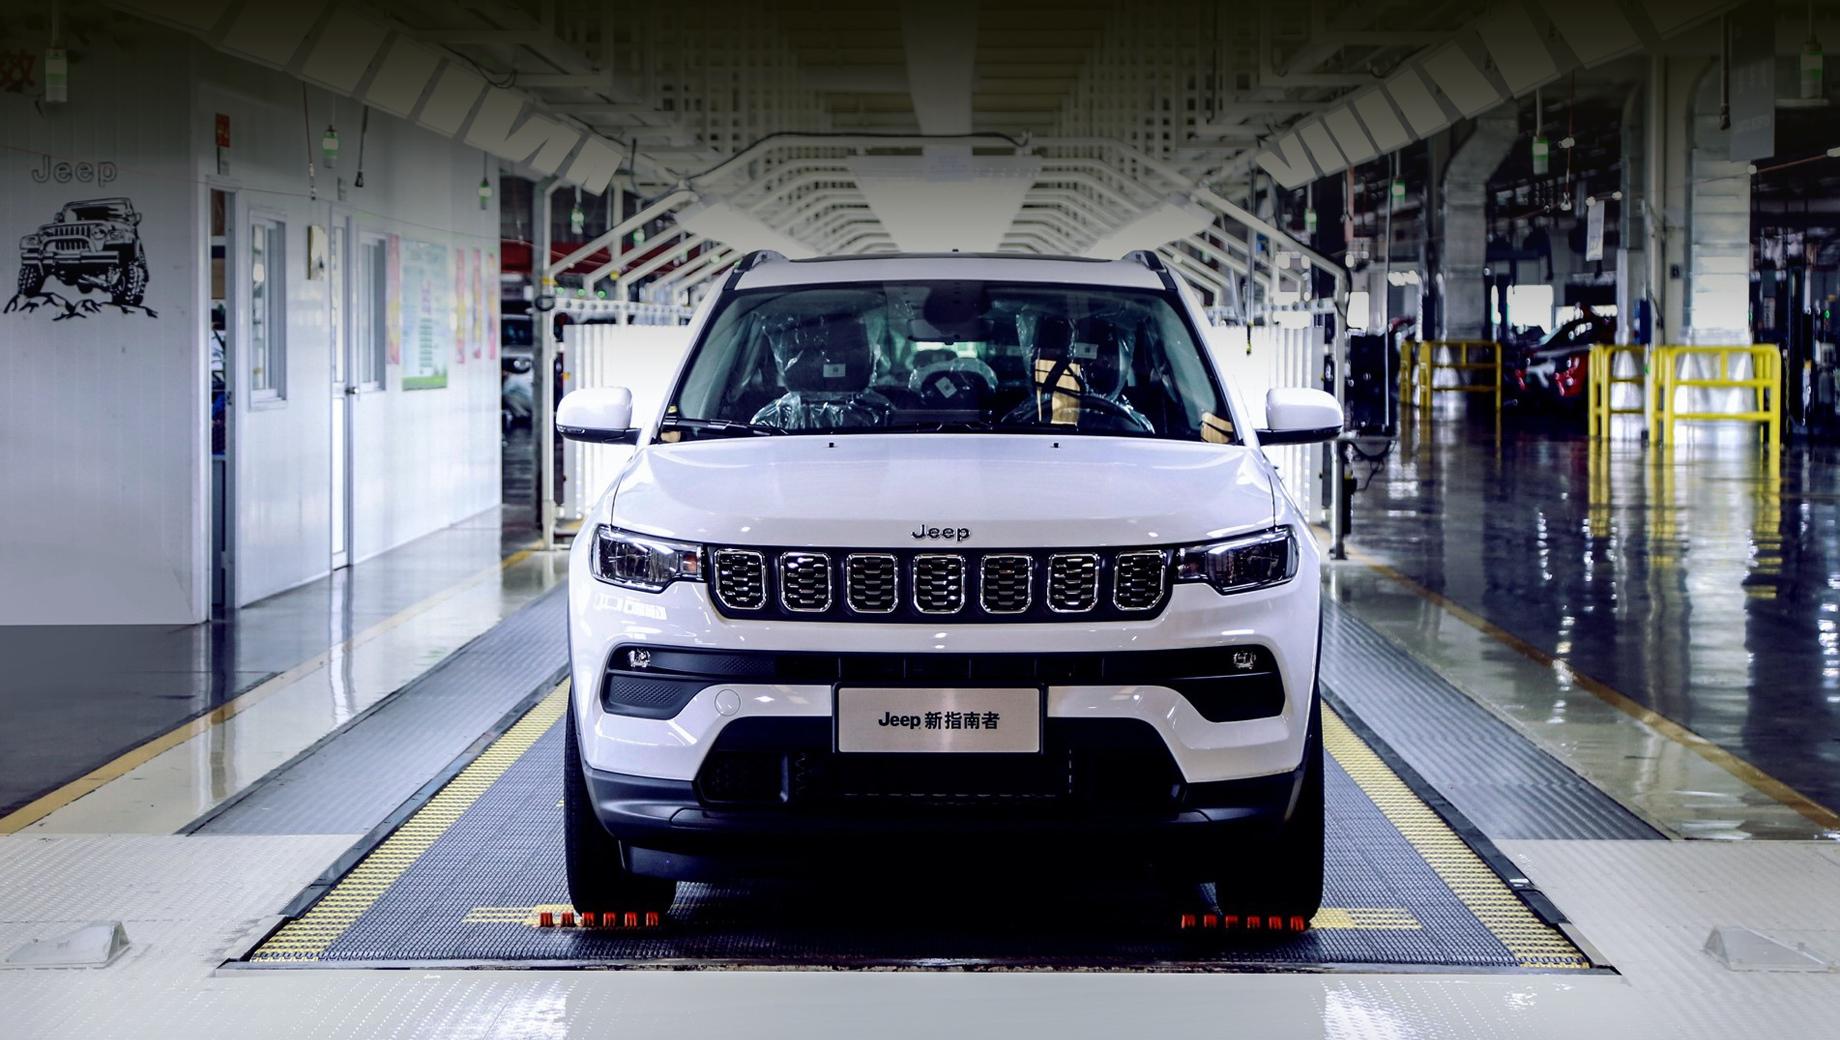 Jeep compass. Спереди новый паркетник может быть очень близок к Компасу, недавно обновившемуся в Китае. Если не идентичен.